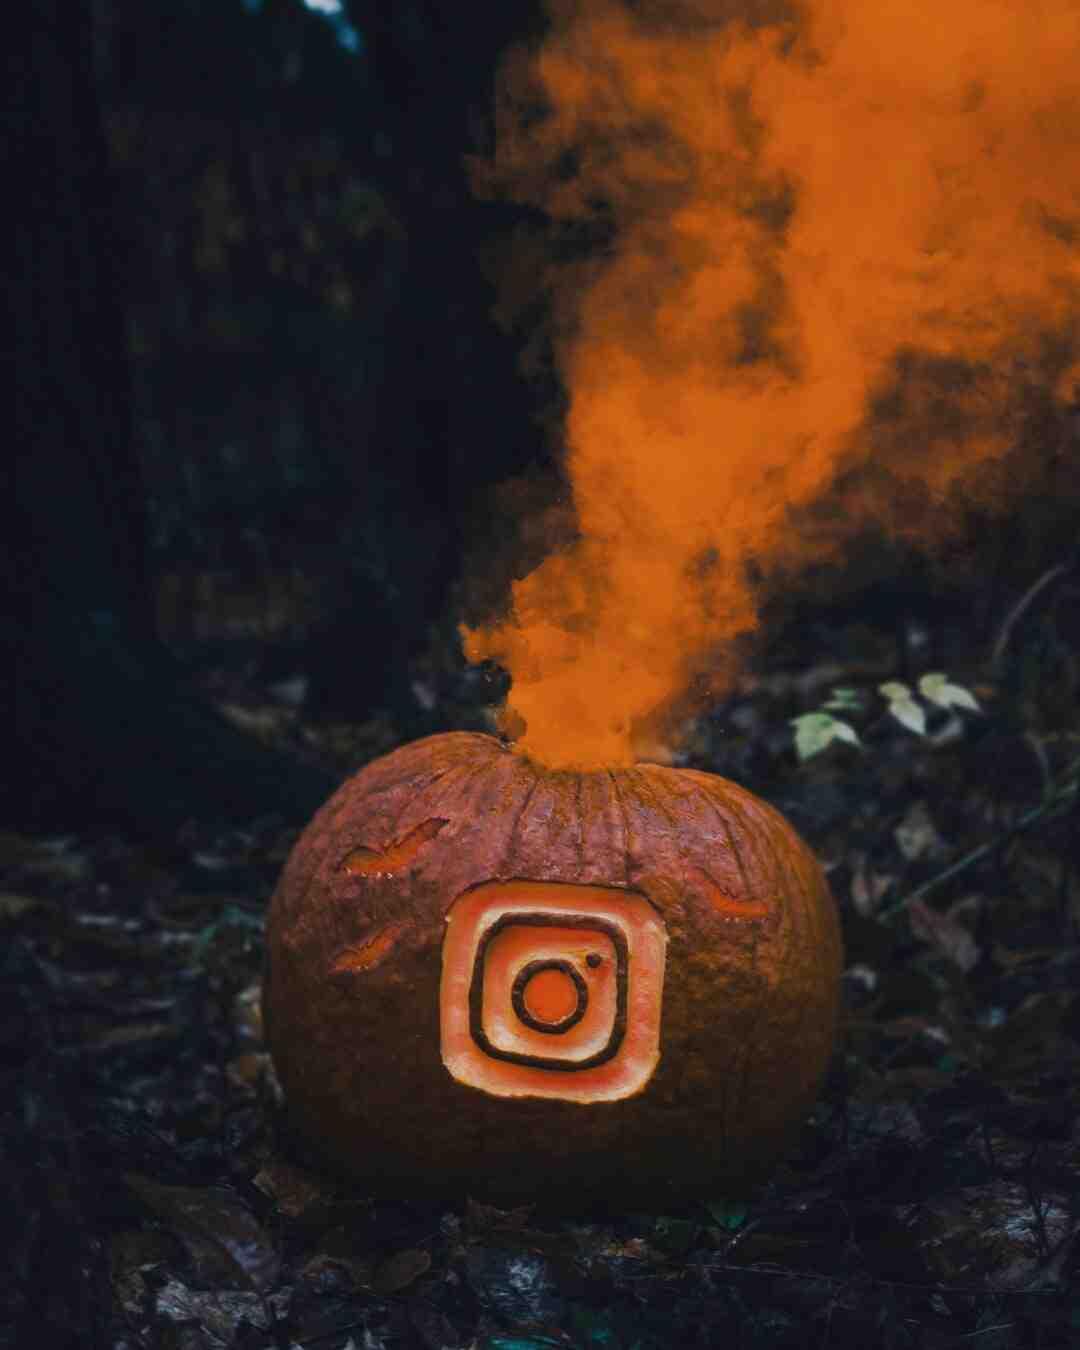 Pourquoi je n'arrive plus à télécharger Instagram ?